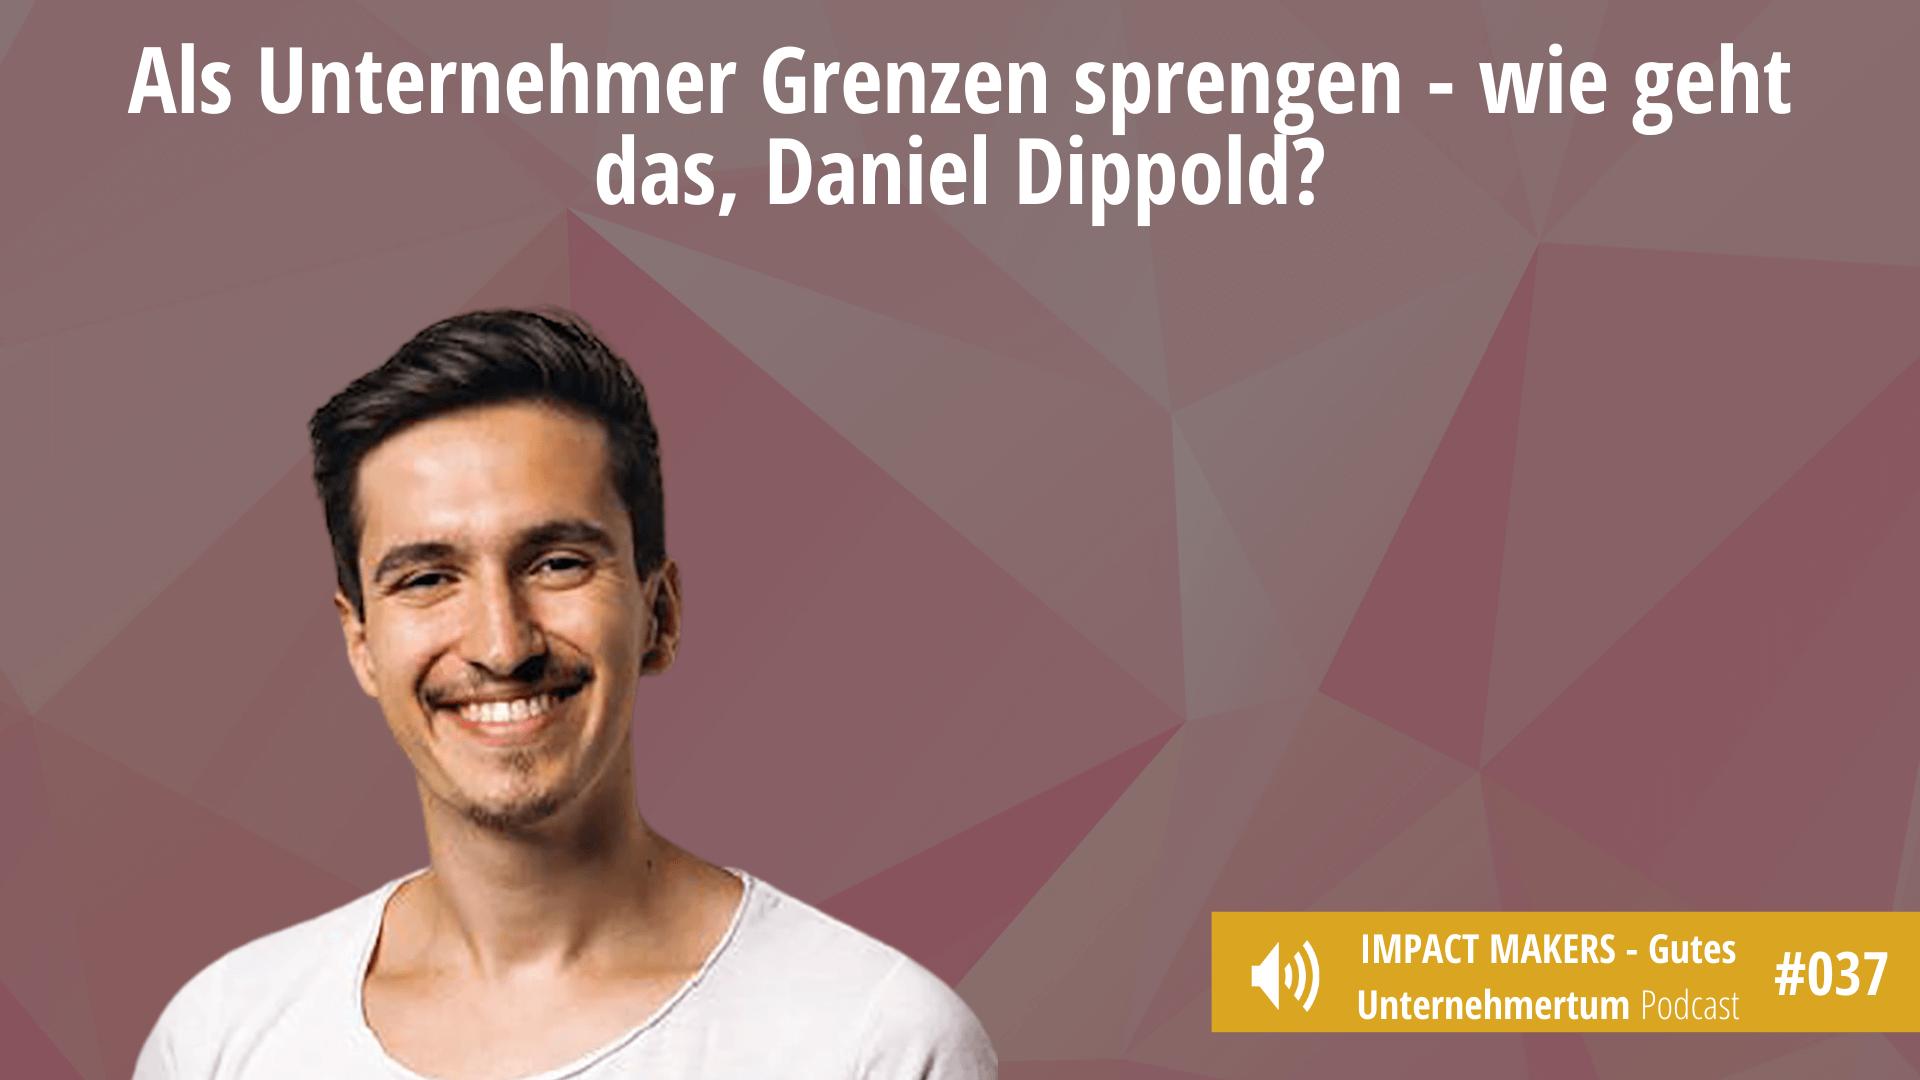 Grenzen sprengen - Ronald von Impact Makers im Gespräch mit Daniel Dippold